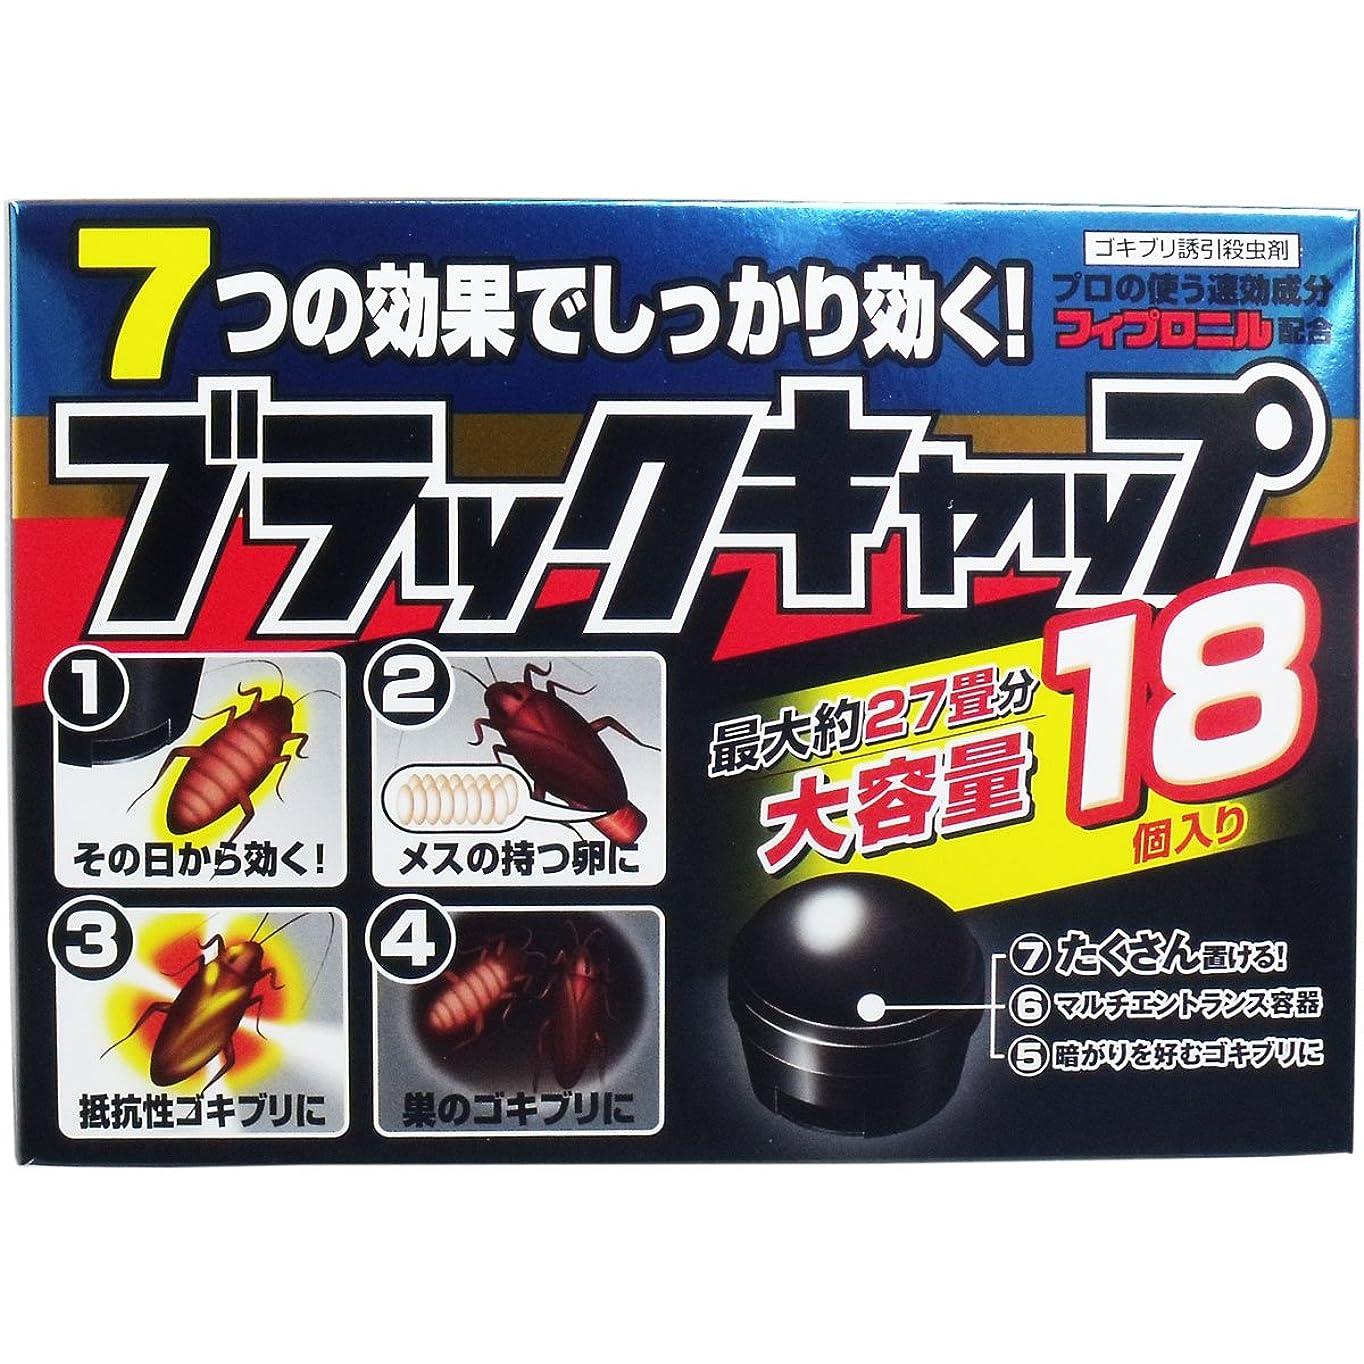 遅滞ジャンプする保存(アース製薬)ブラックキャップ 18個入(医薬部外品)(お買い得3個セット)